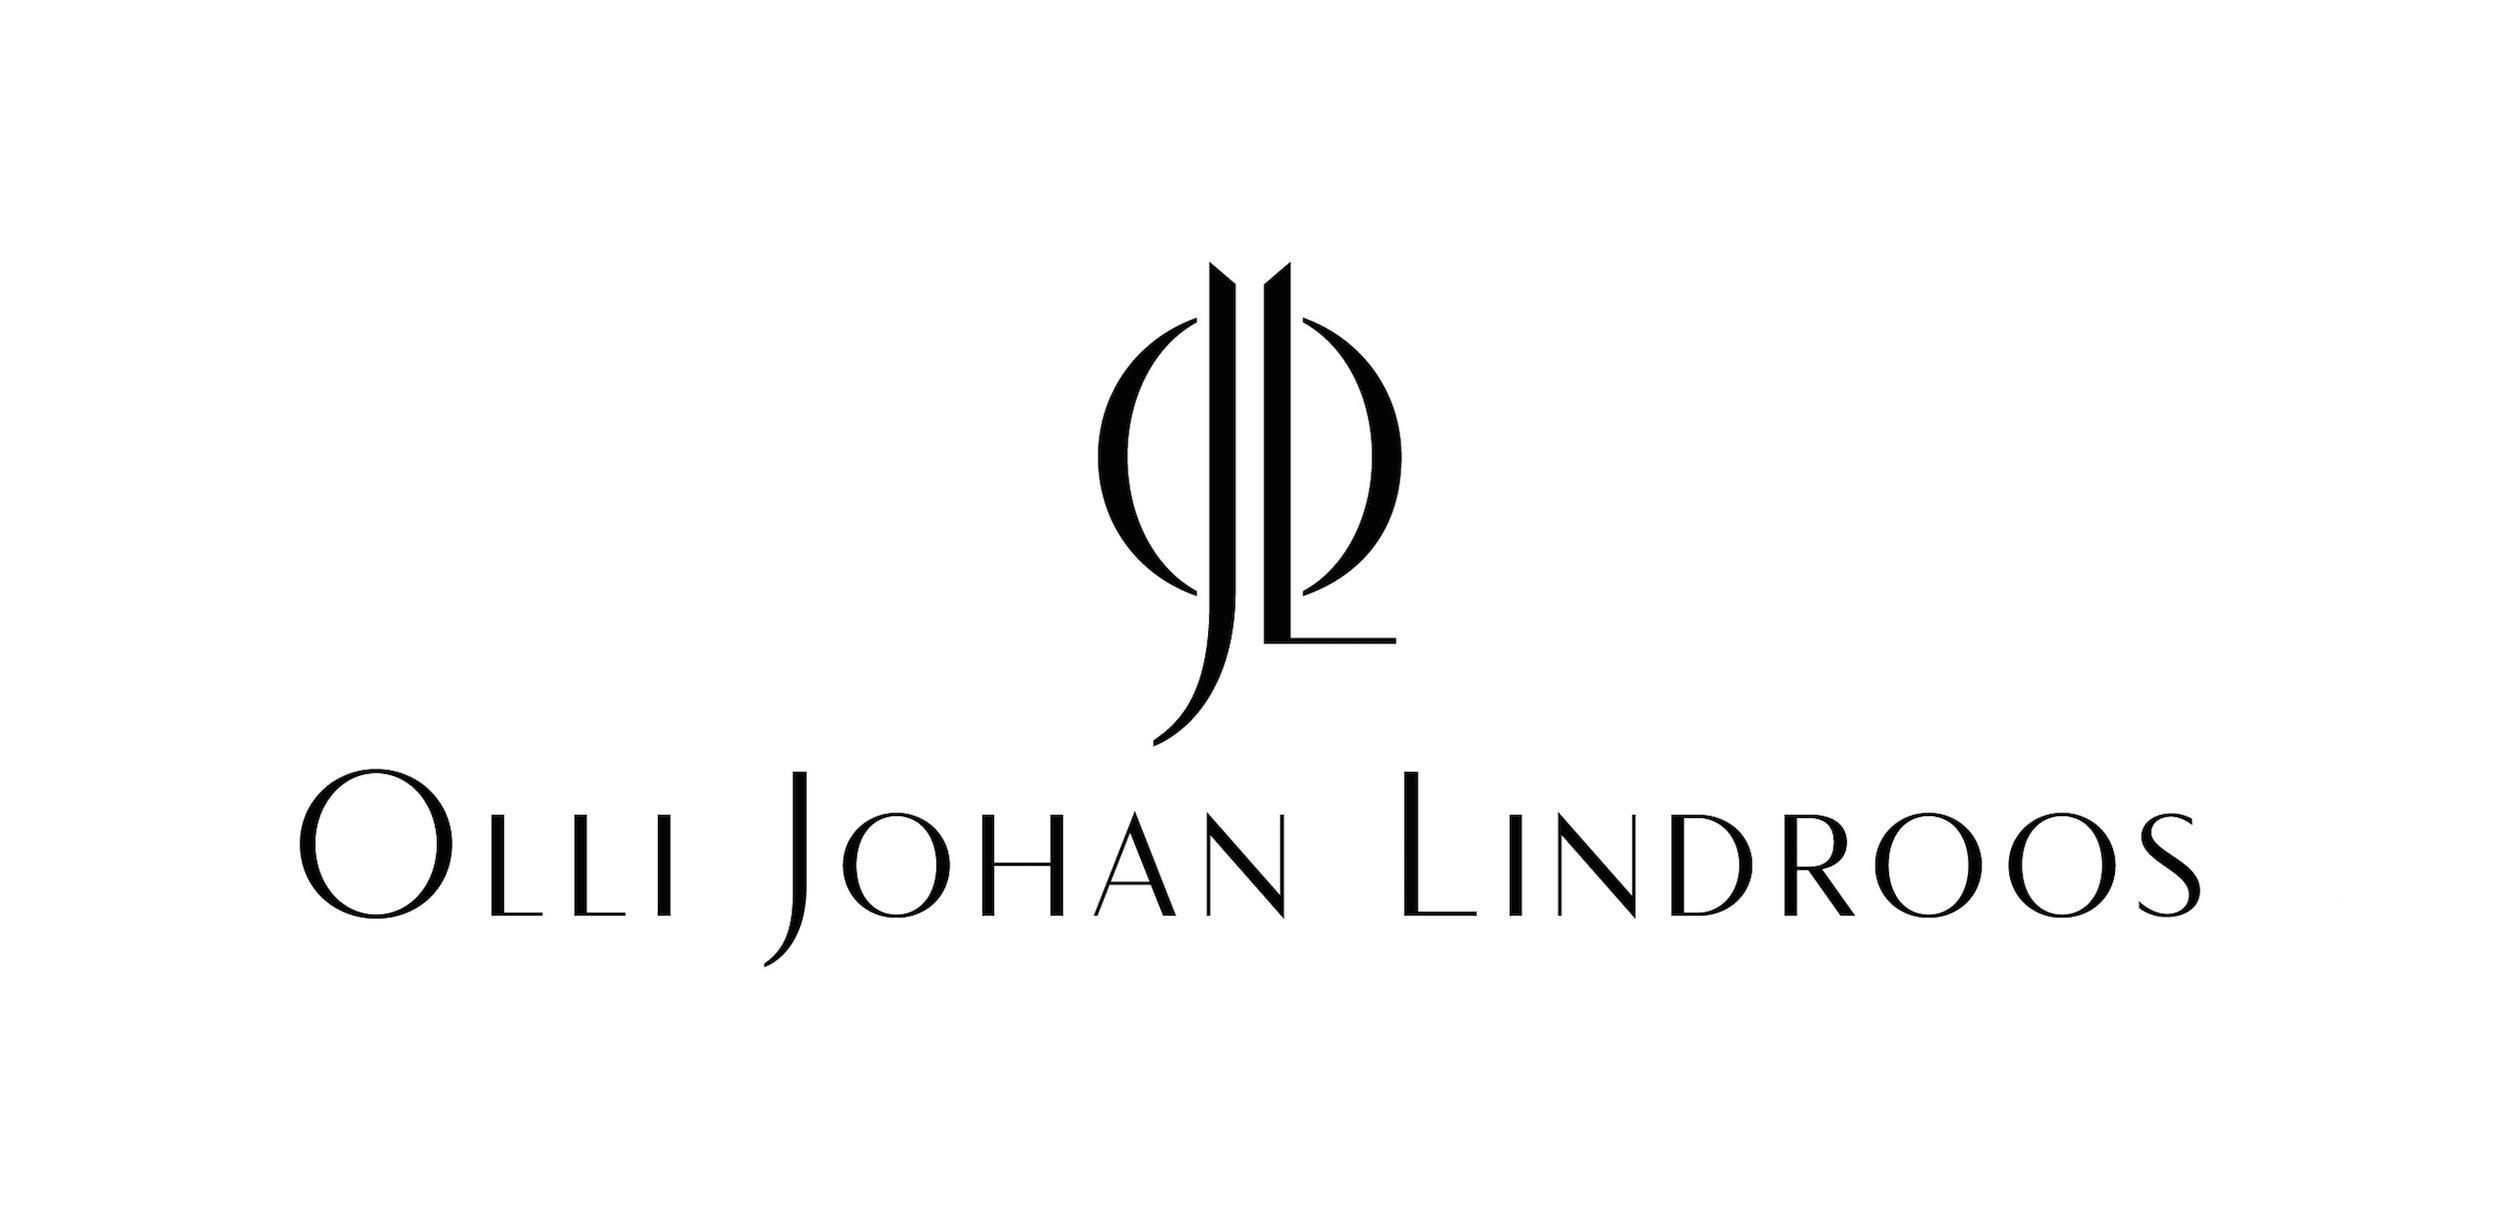 KULTASEPÄNLIIKE OLLI JOHAN LINDROOS - Stockmann, 1. krs.Vuonna 1076 perustetusta E. Lindroosin perheyrityksestä kasvanut OJL Jewellery on toisessa sukupolvessa toimiva kultasepänliike. OJL Jewelleryn tuotteet ovat kauniita, kestäviä ja harvinaisia – aivan kuten hyvän timantin oletetaan olevan. Lisäksi korujen halutaan elävän ajan hengessä, mutta kestävän muotoilultaan silmää miellyttävinä vuosikymmeniä. OJl Jewellery -korusmallistot ovat moderneja klassikoita, joita voi ja haluaa täydentää sekä käyttää vuosia ja vuosikymmeniä.www.lindrooshelsinki.fi